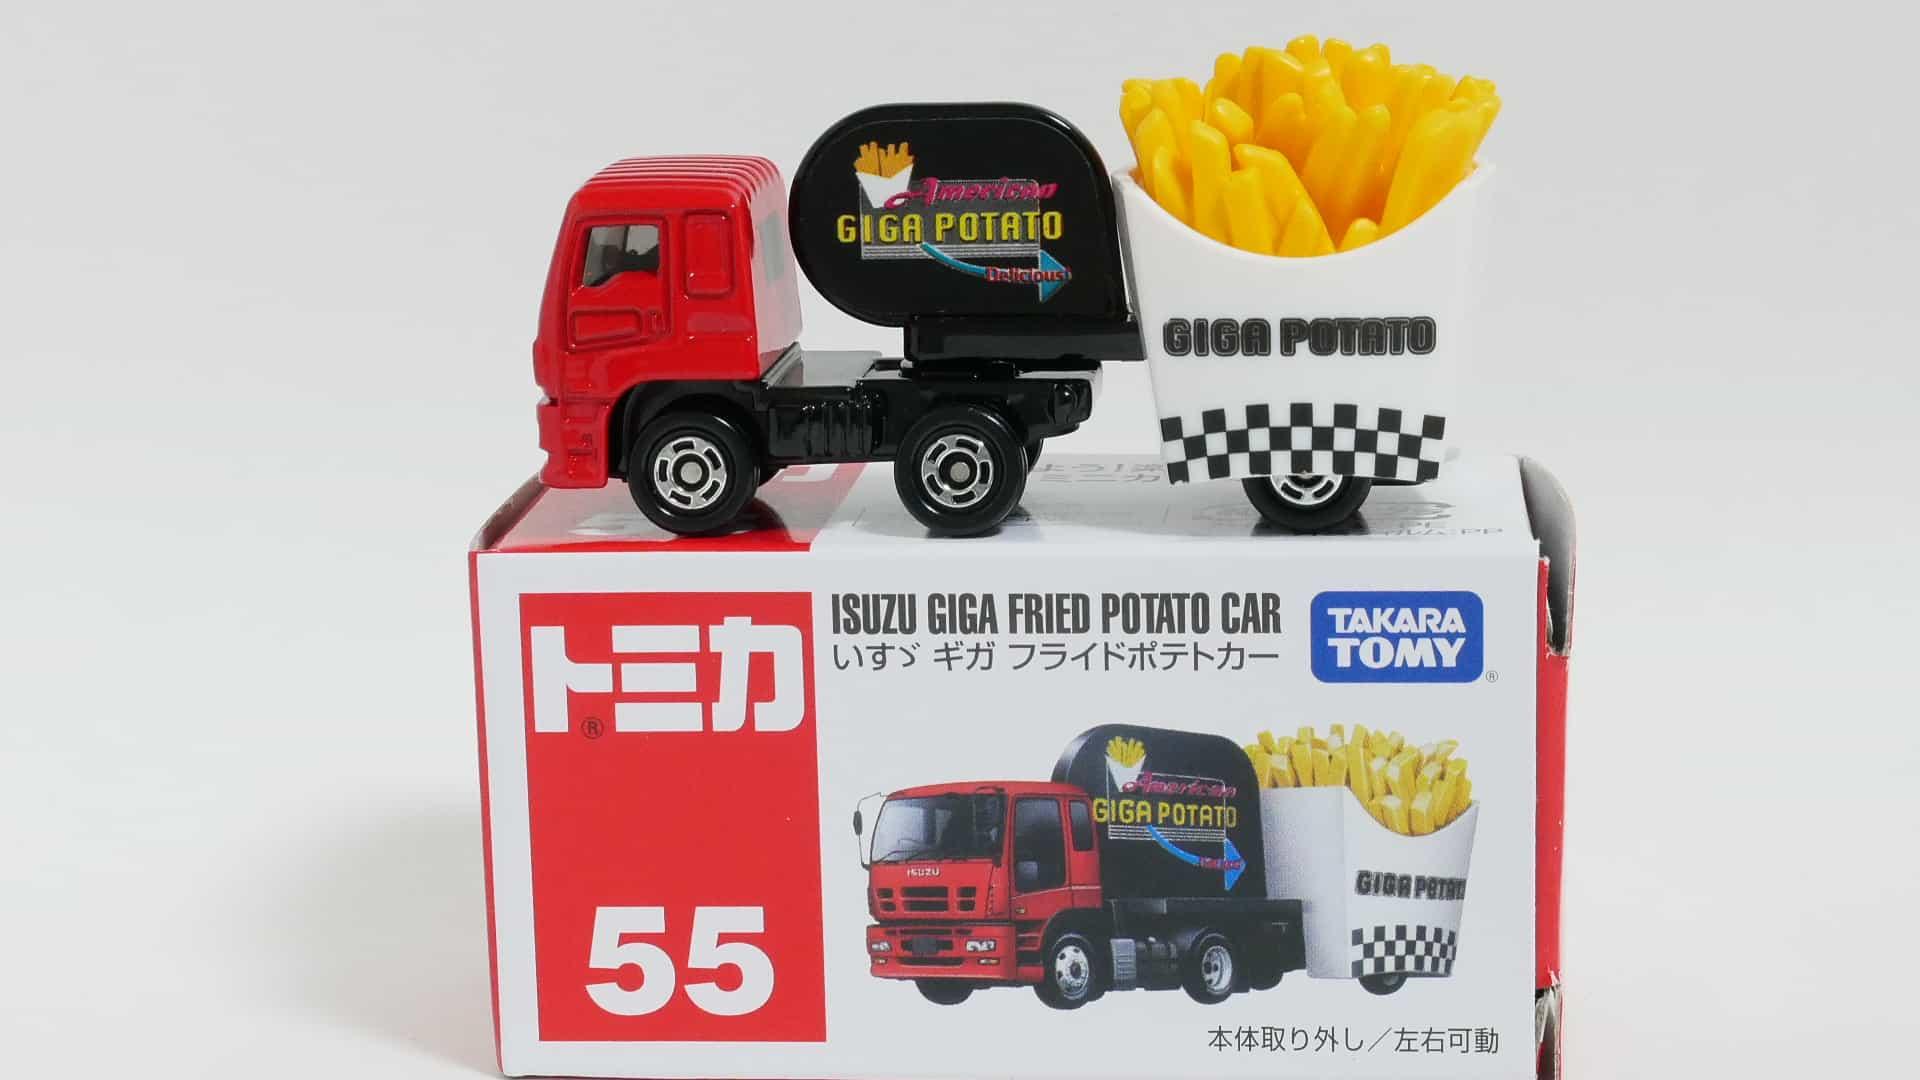 トミカNo.55-10いすゞギガフライドポテトカー-箱